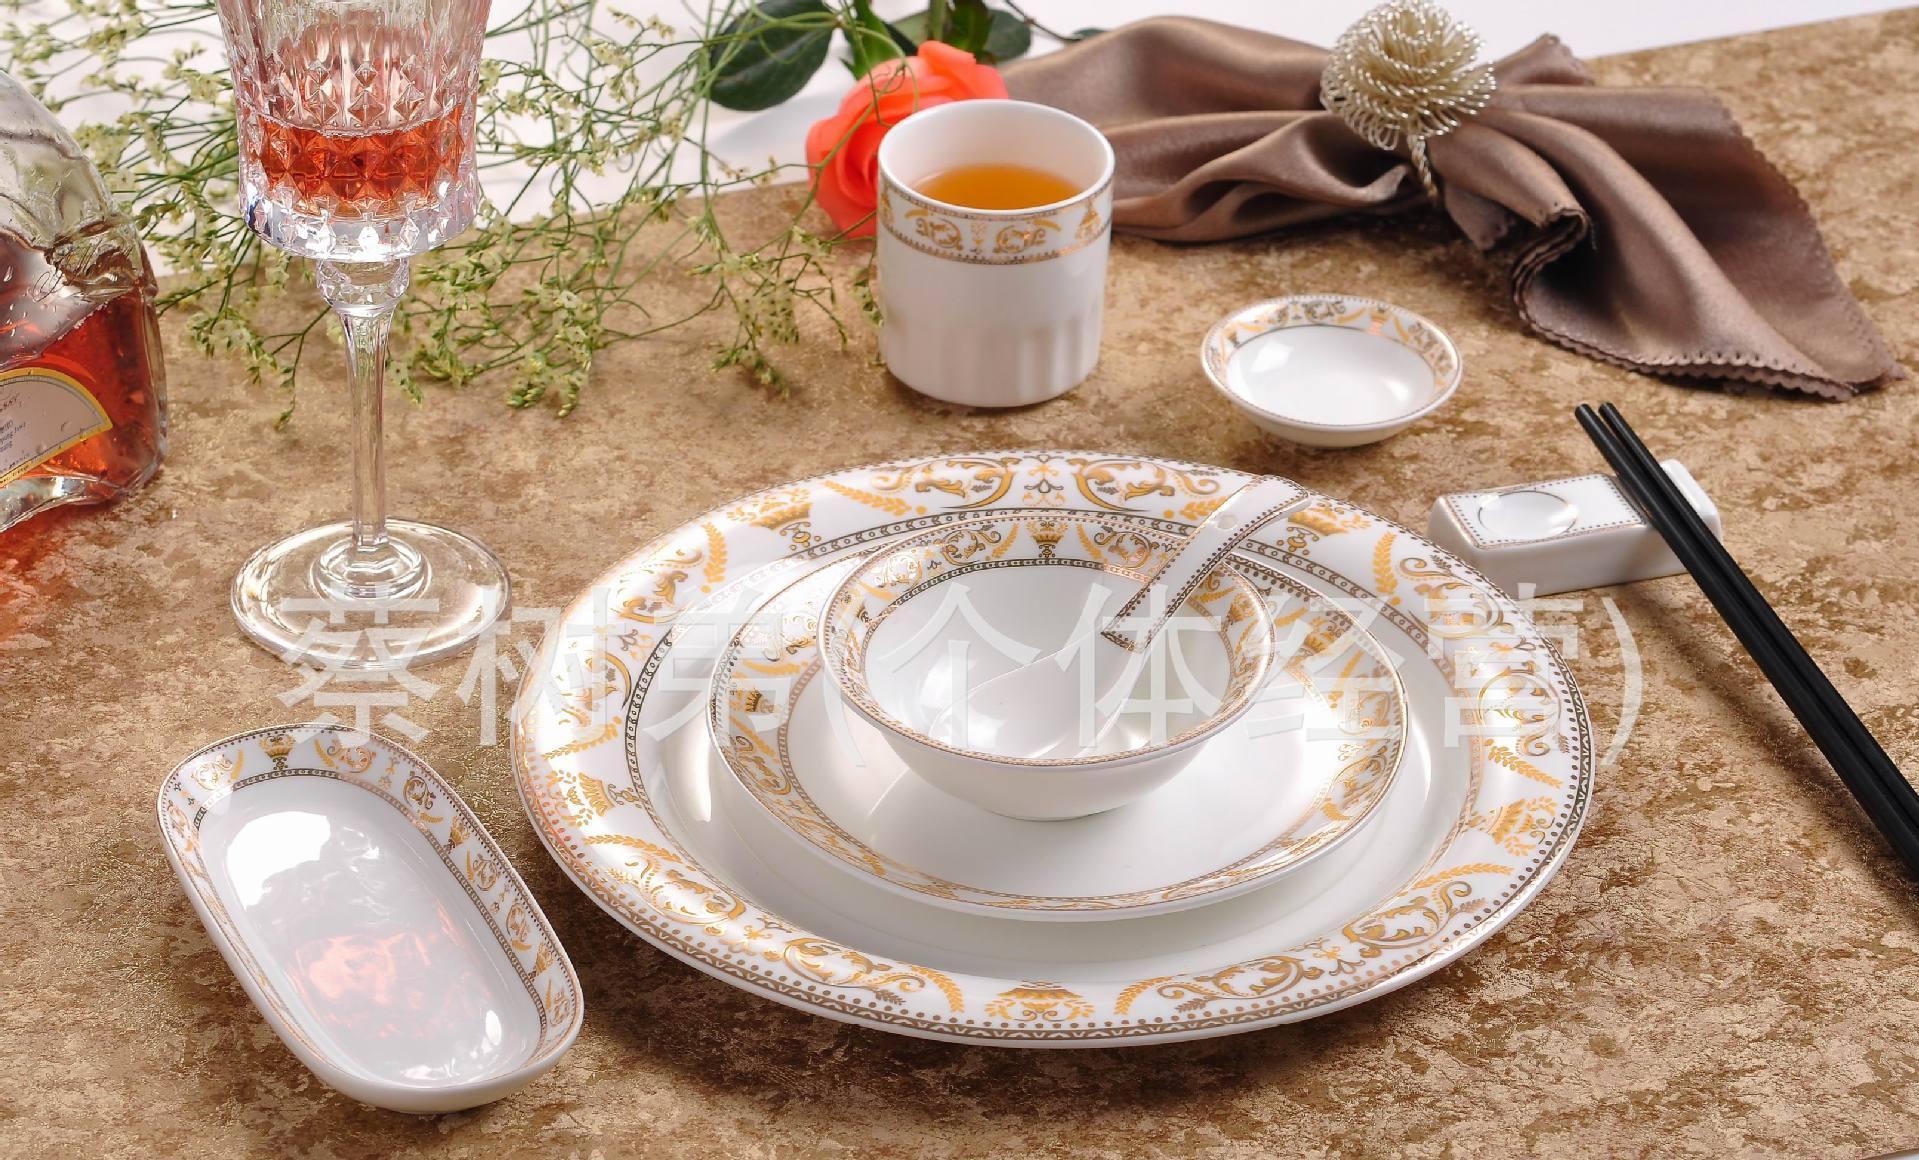 潮州骨瓷 厂家直销 酒店摆台餐具 家庭日用陶瓷餐具厨房用品图片